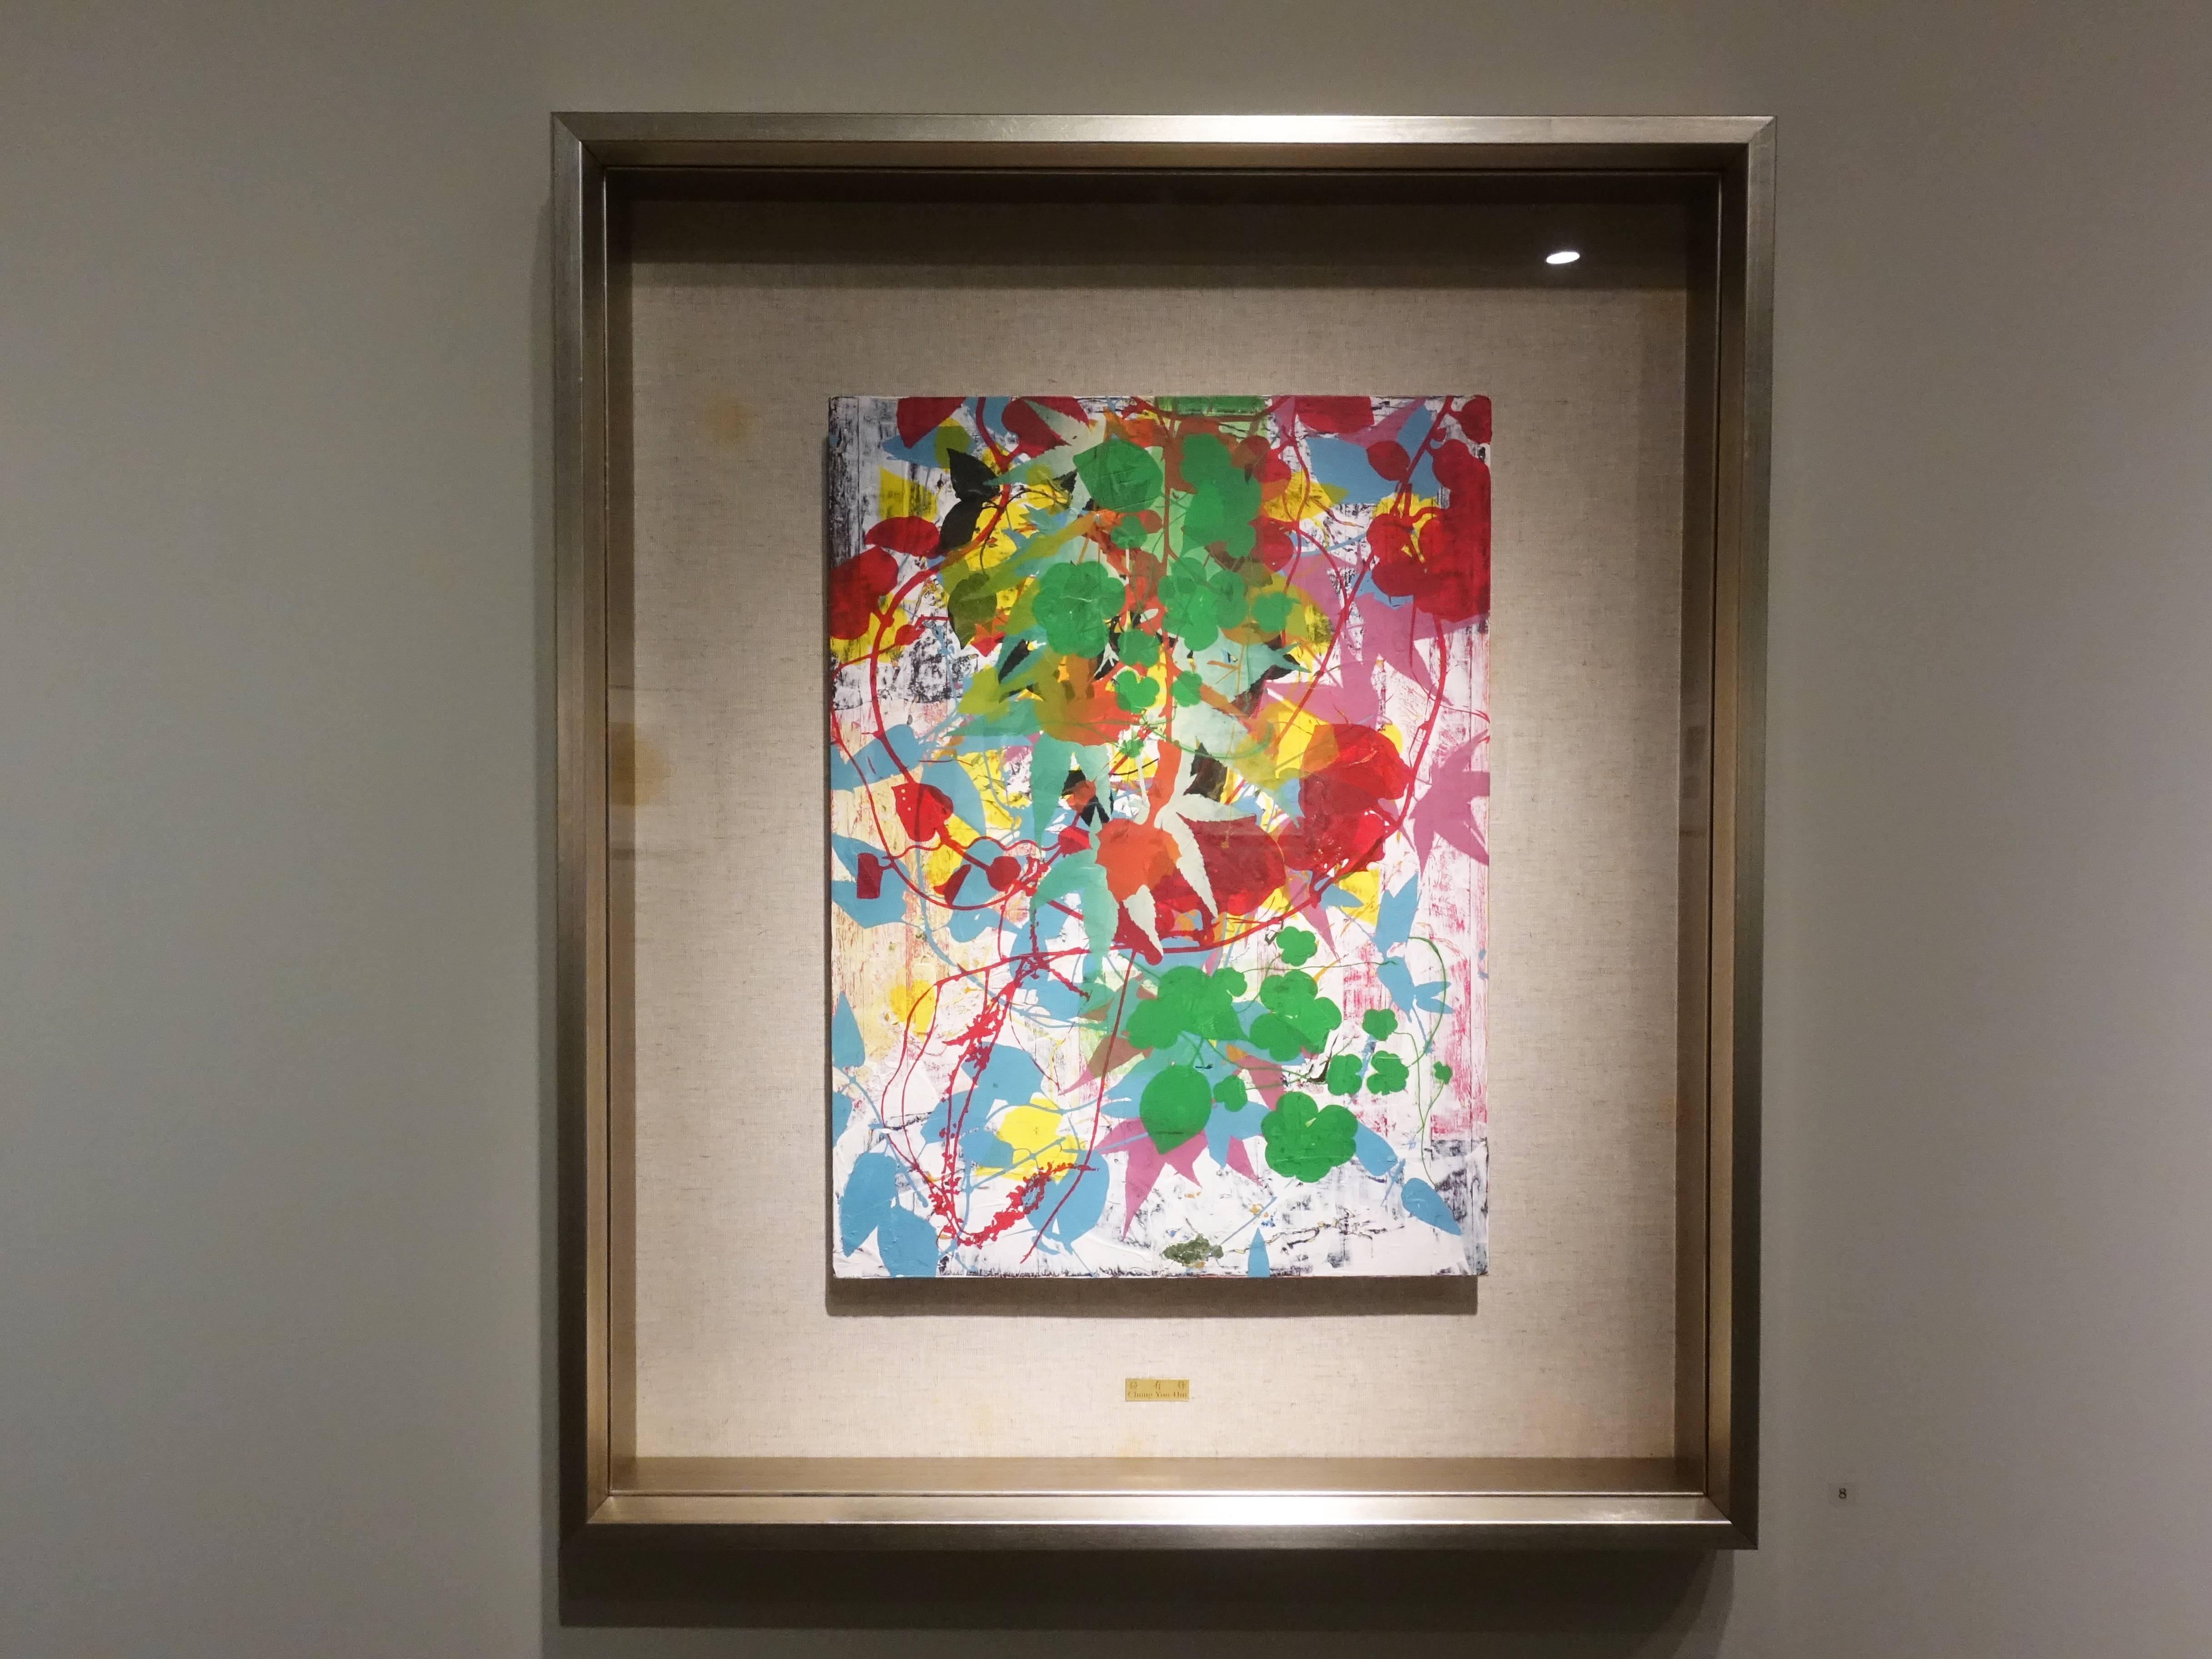 鐘有輝,《春之氣息》,40 x 30 cm,1/1,綜合媒材,2013。